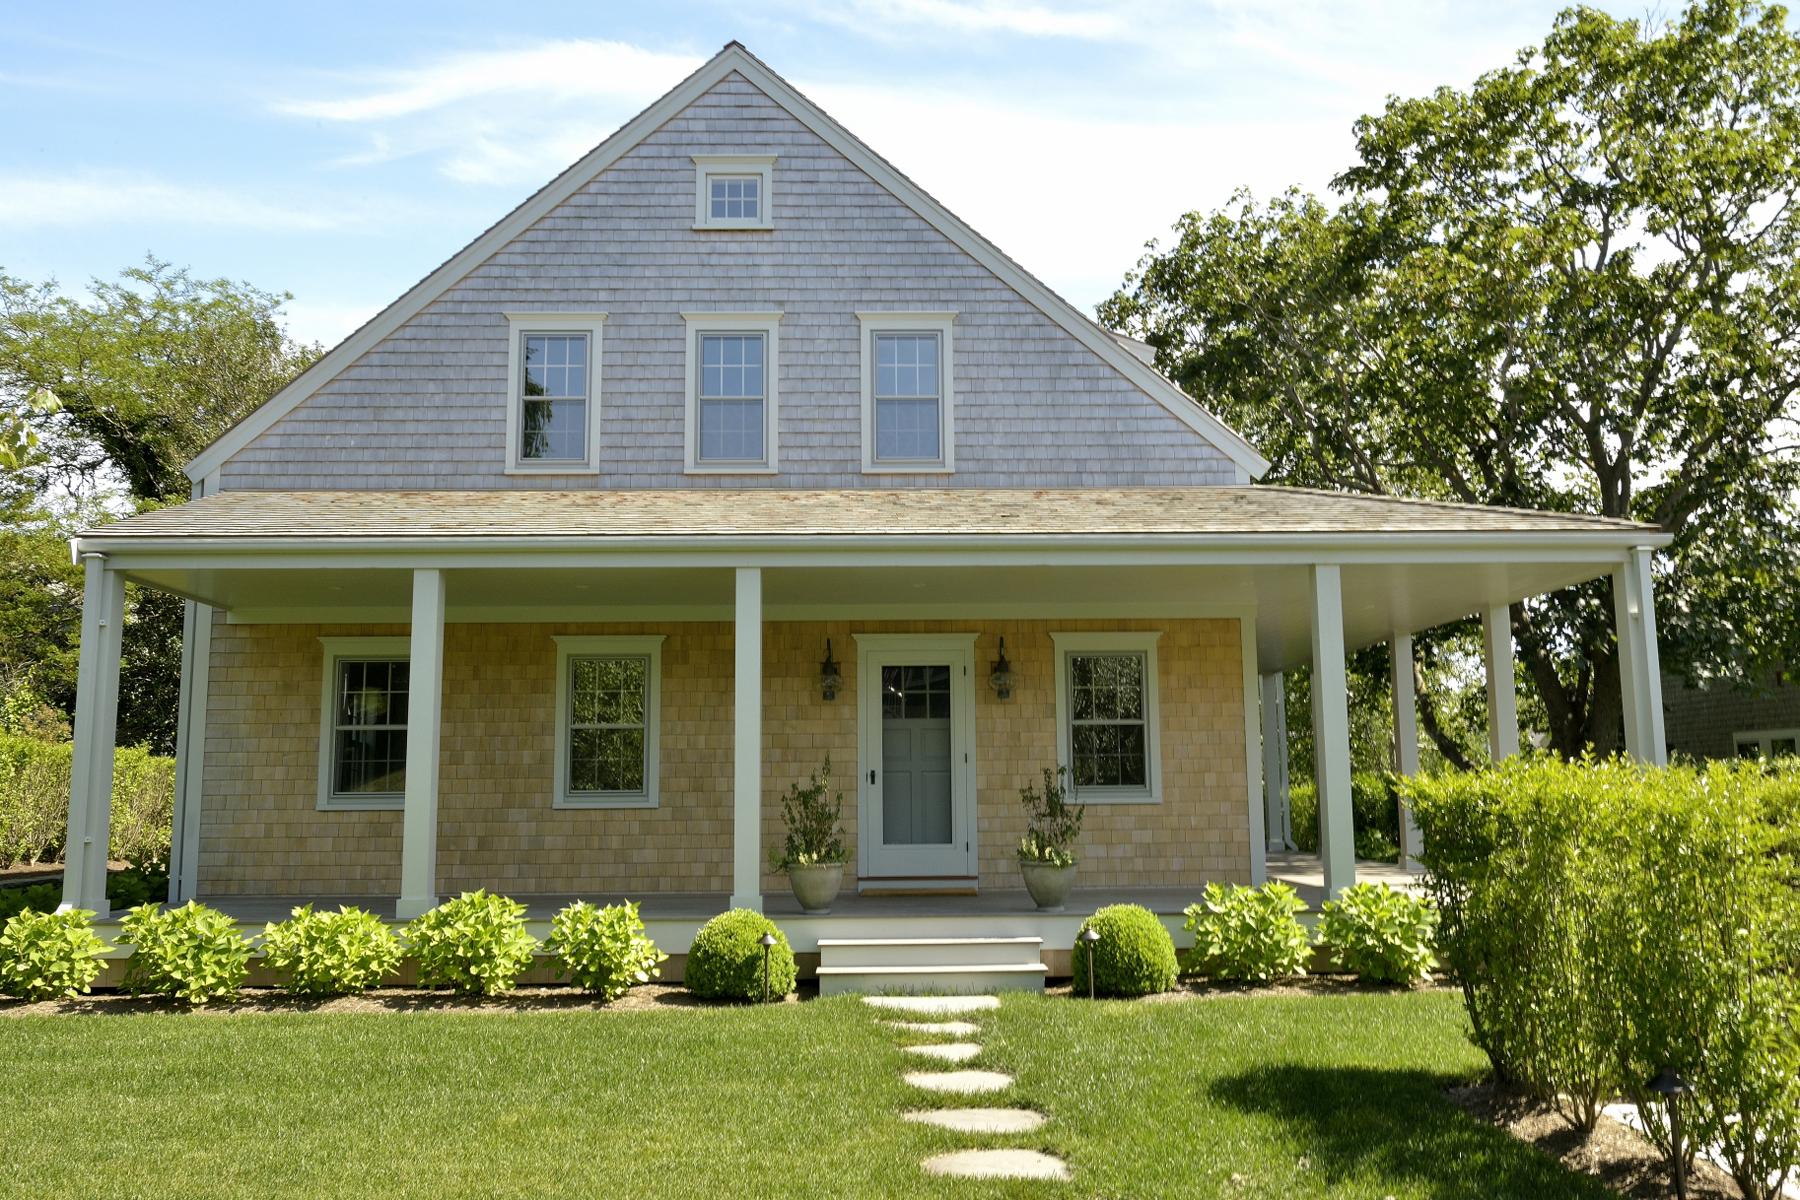 Частный односемейный дом для того Продажа на Timeless Masterpiece 36 West Chester Street Nantucket, Массачусетс 02554 Соединенные Штаты